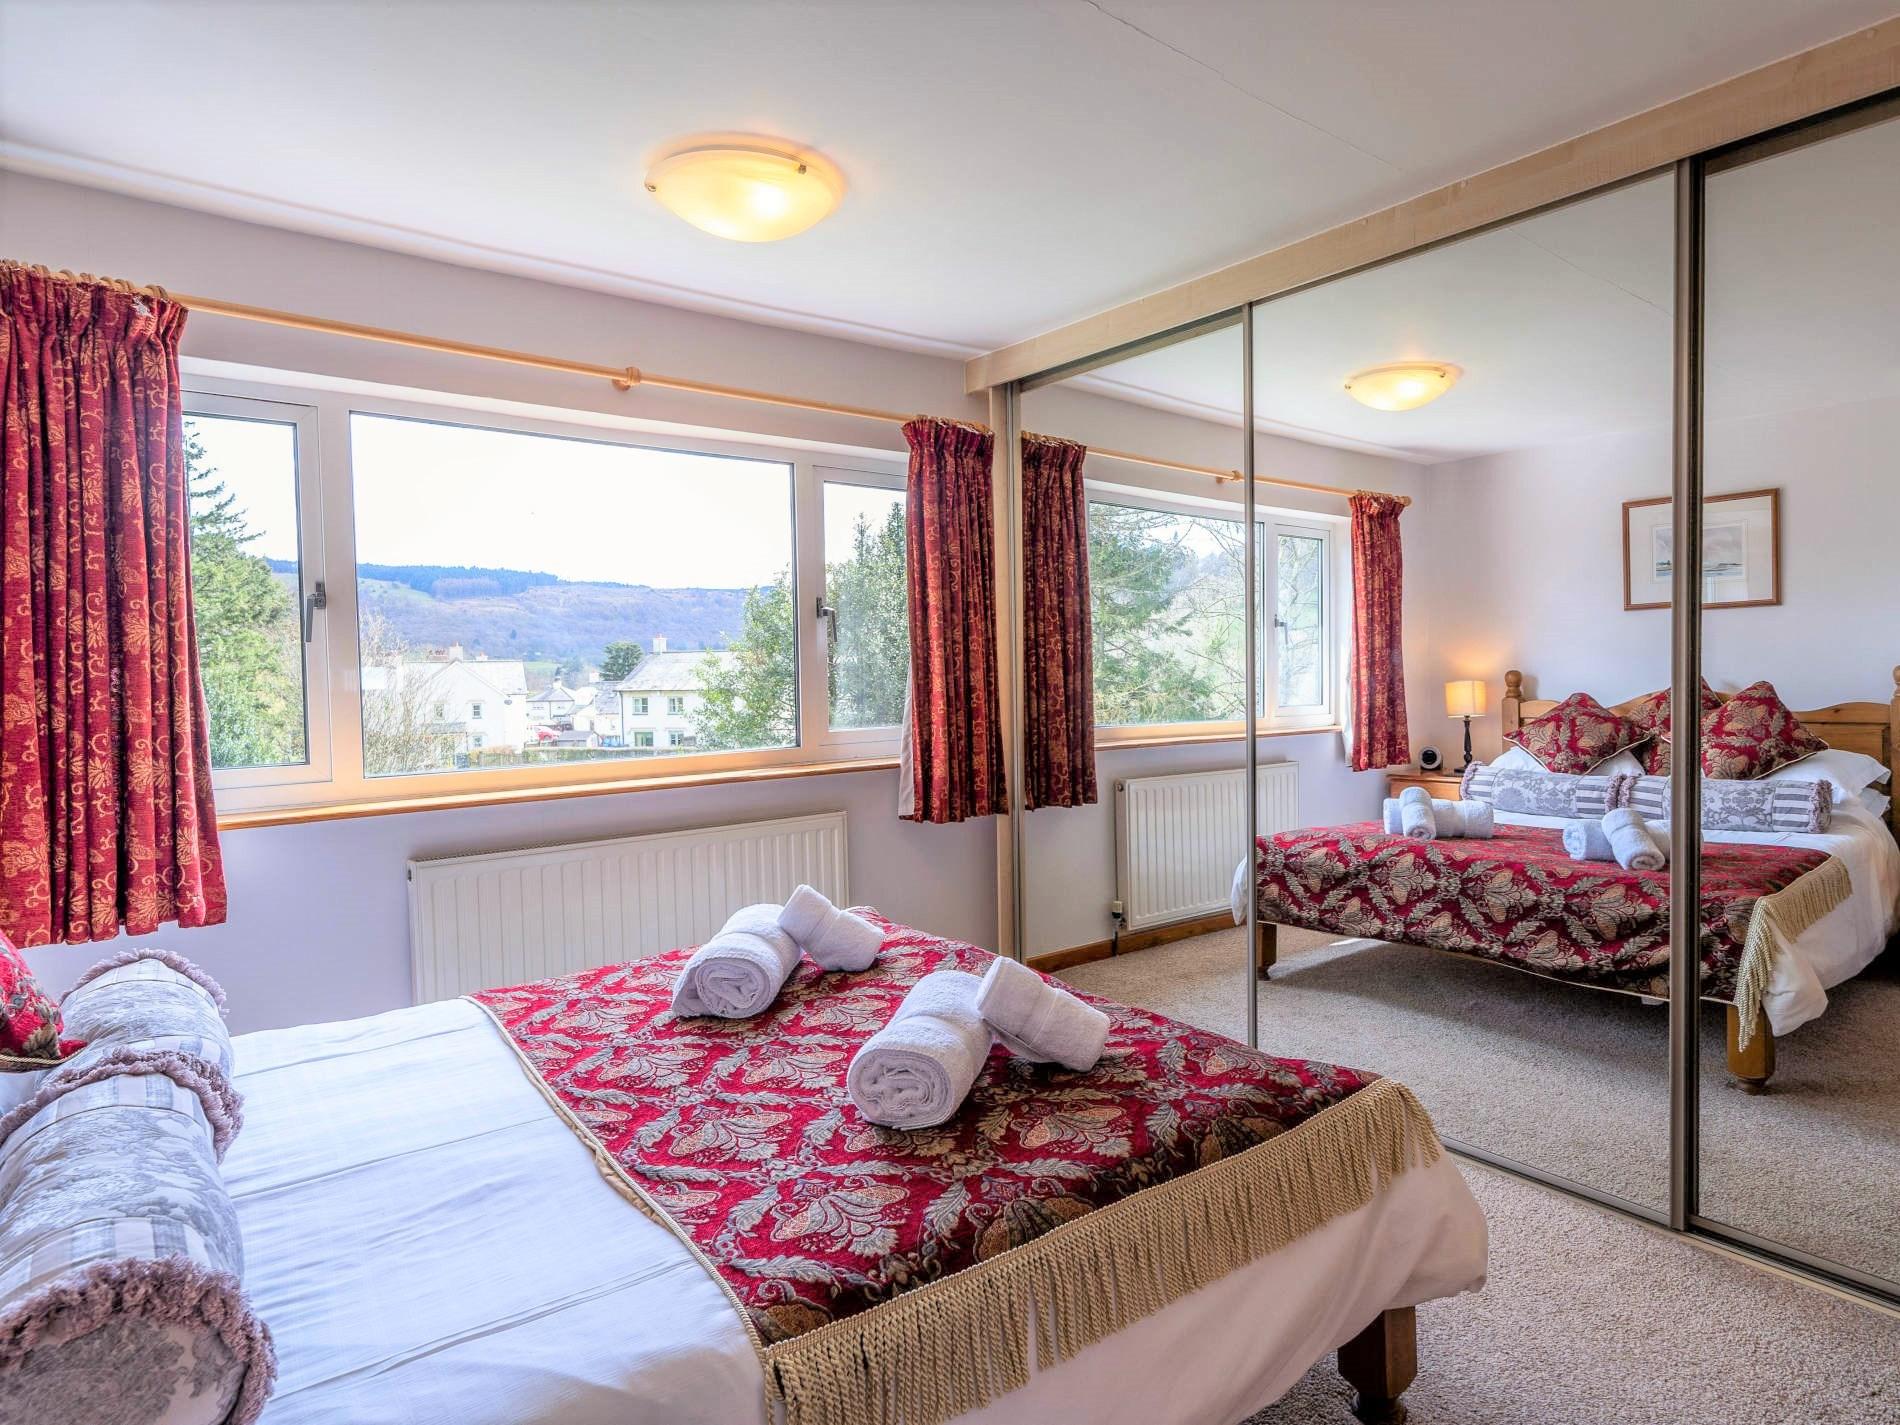 4 Bedroom Cottage in Cumbria, Scottish Borders